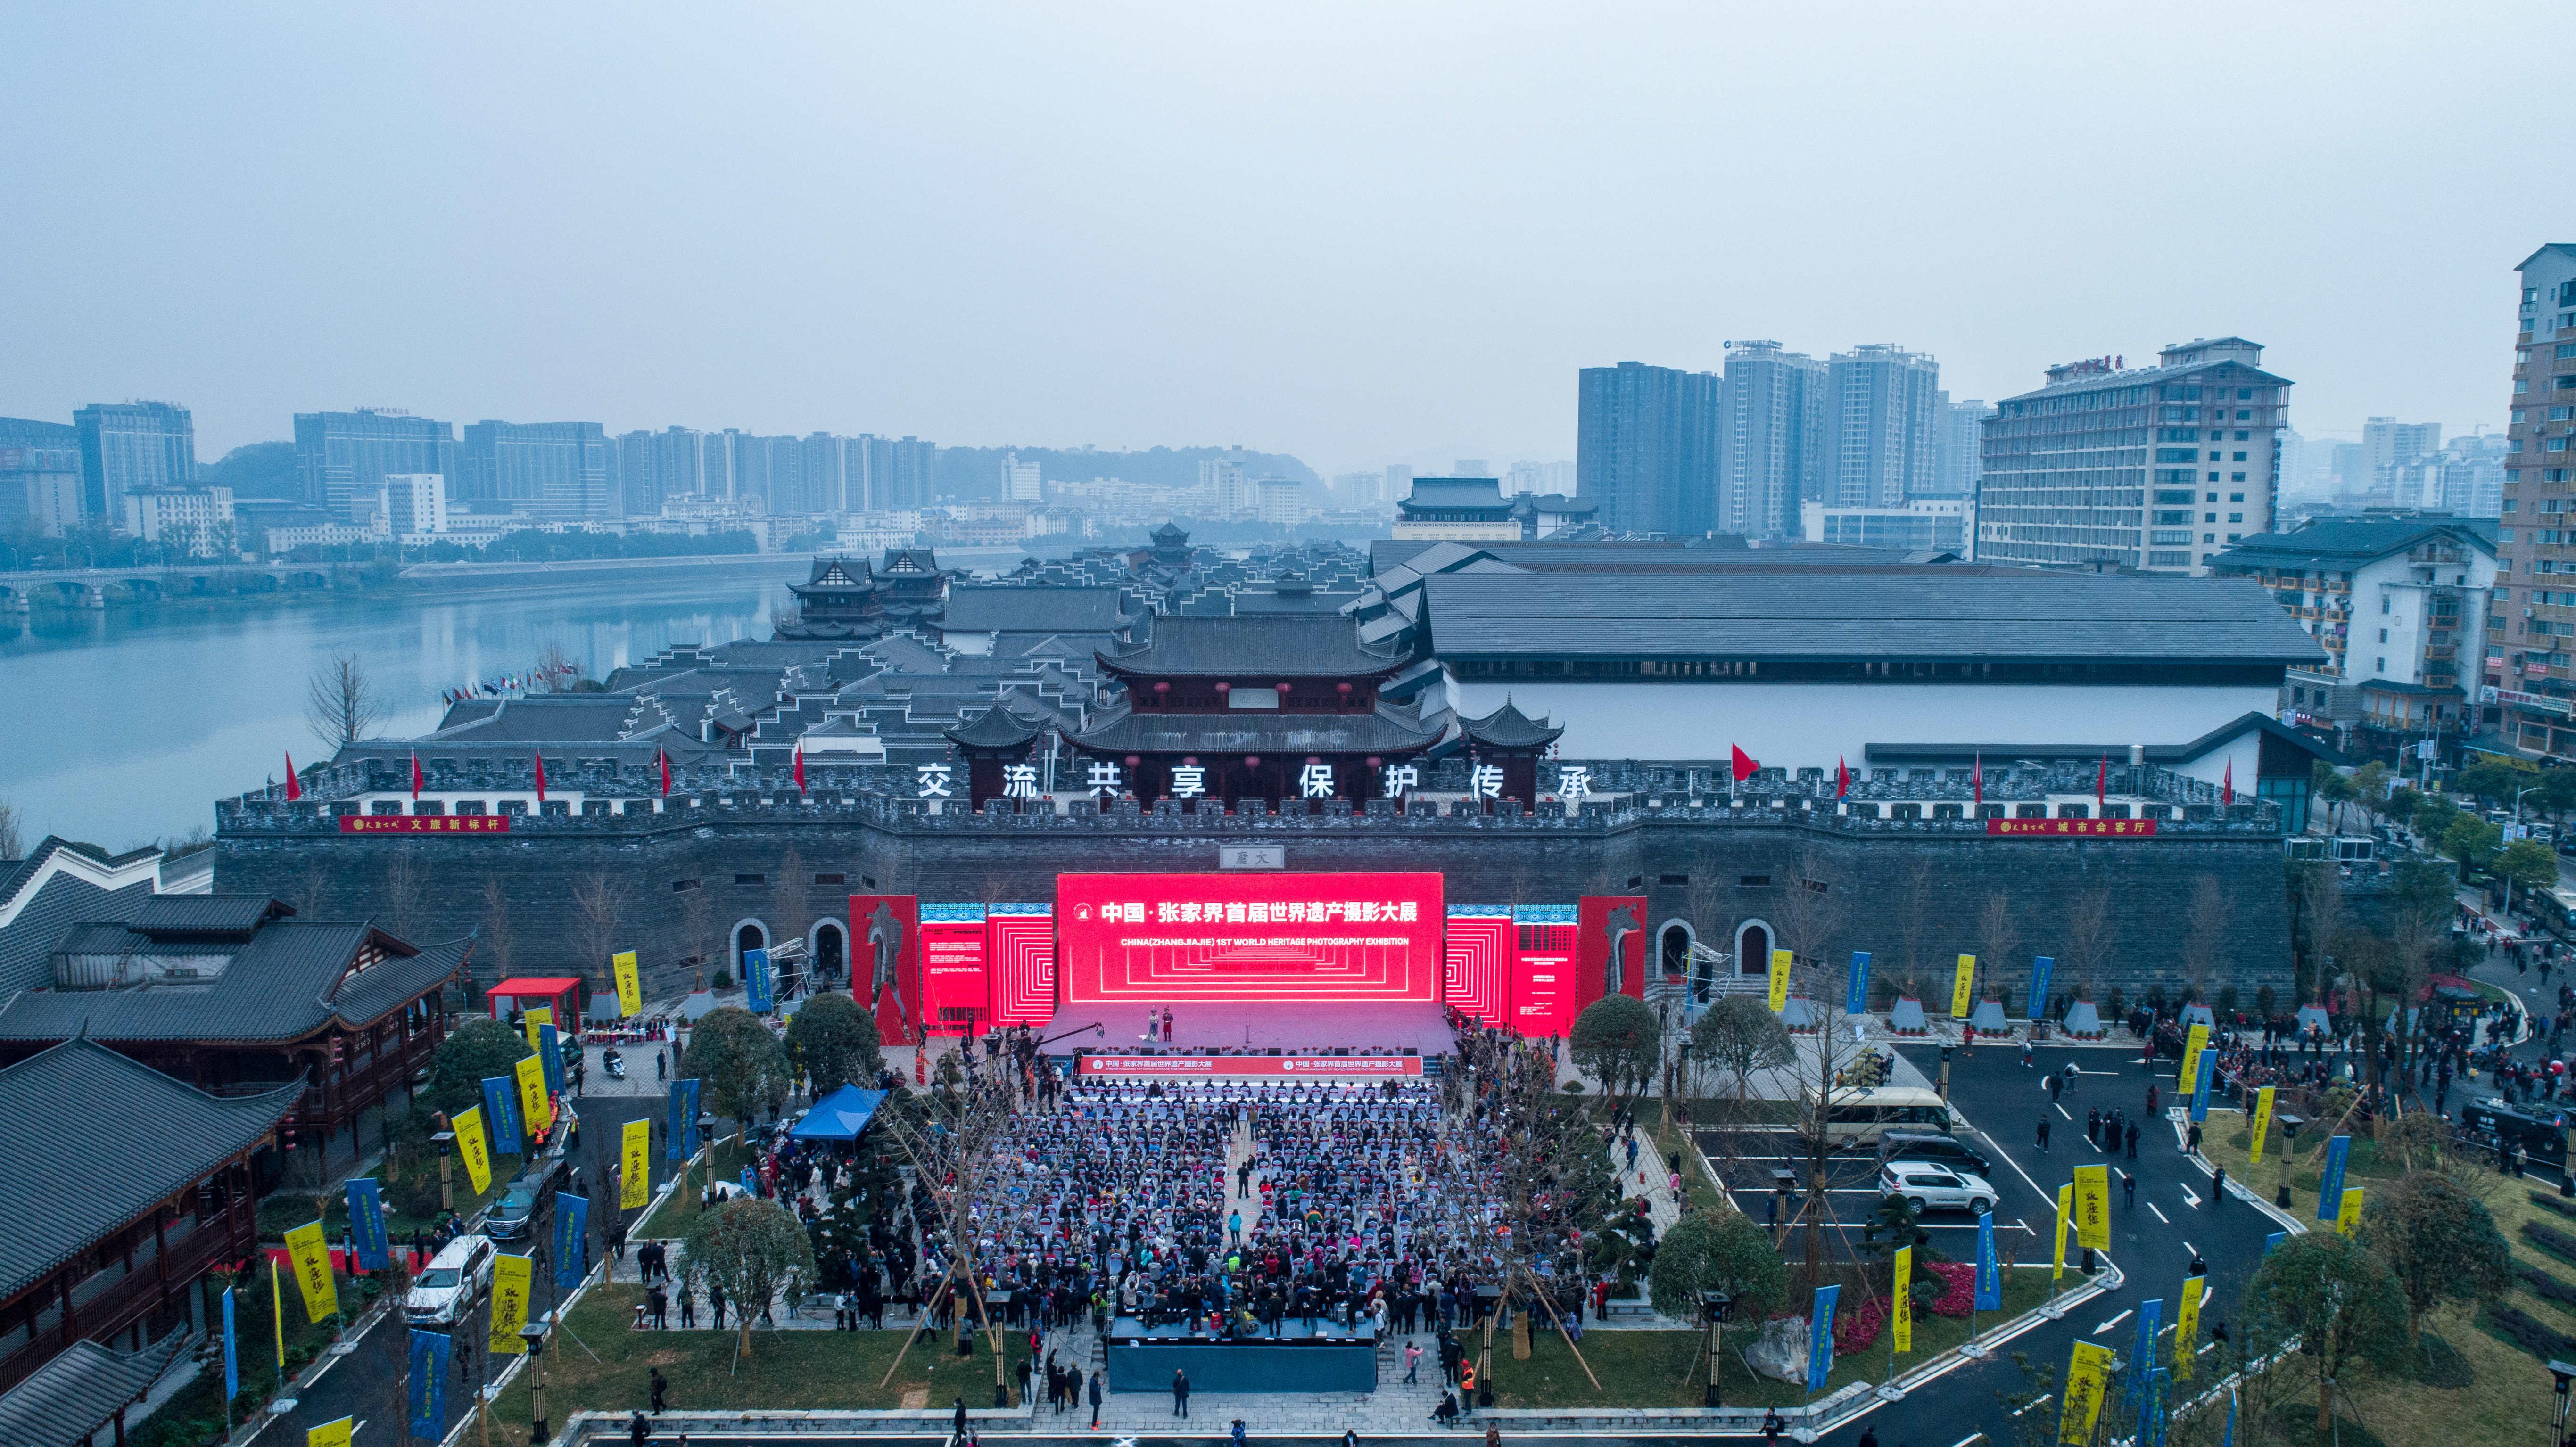 中国•张家界首届世界遗产摄影大展在湖南张家界开幕